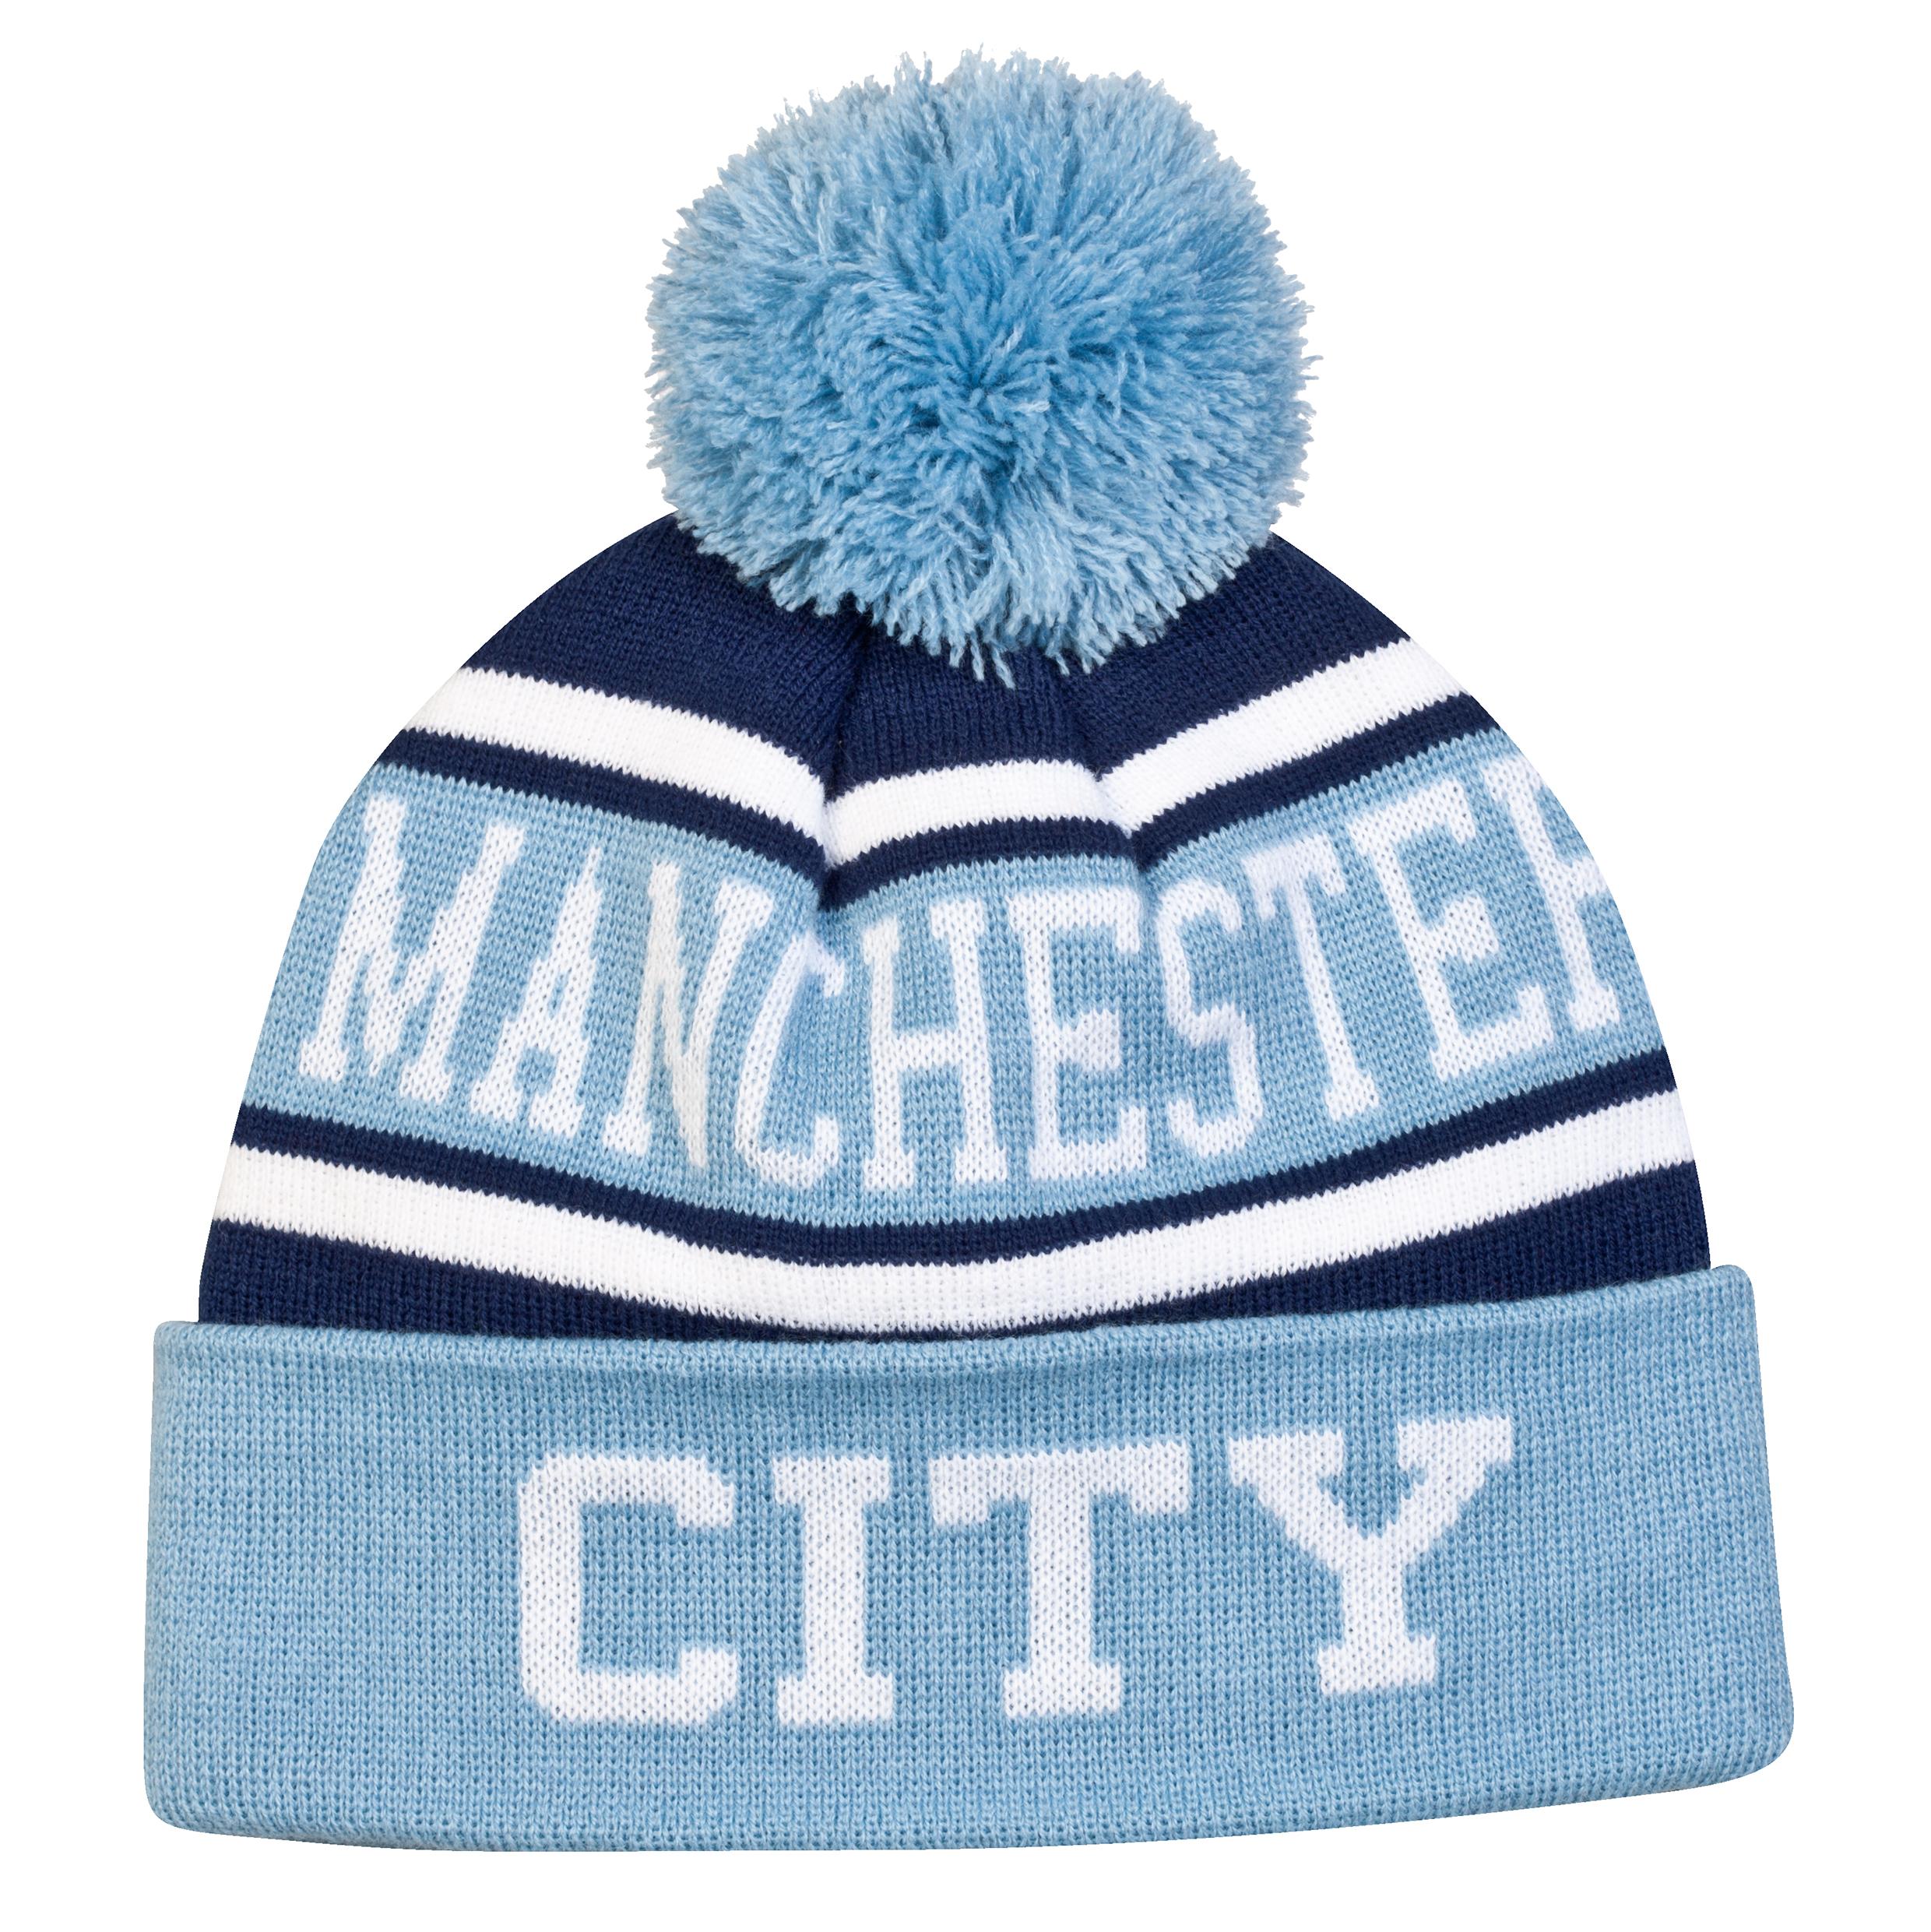 Manchester City Bobble Hat Sky/Navy - Infants